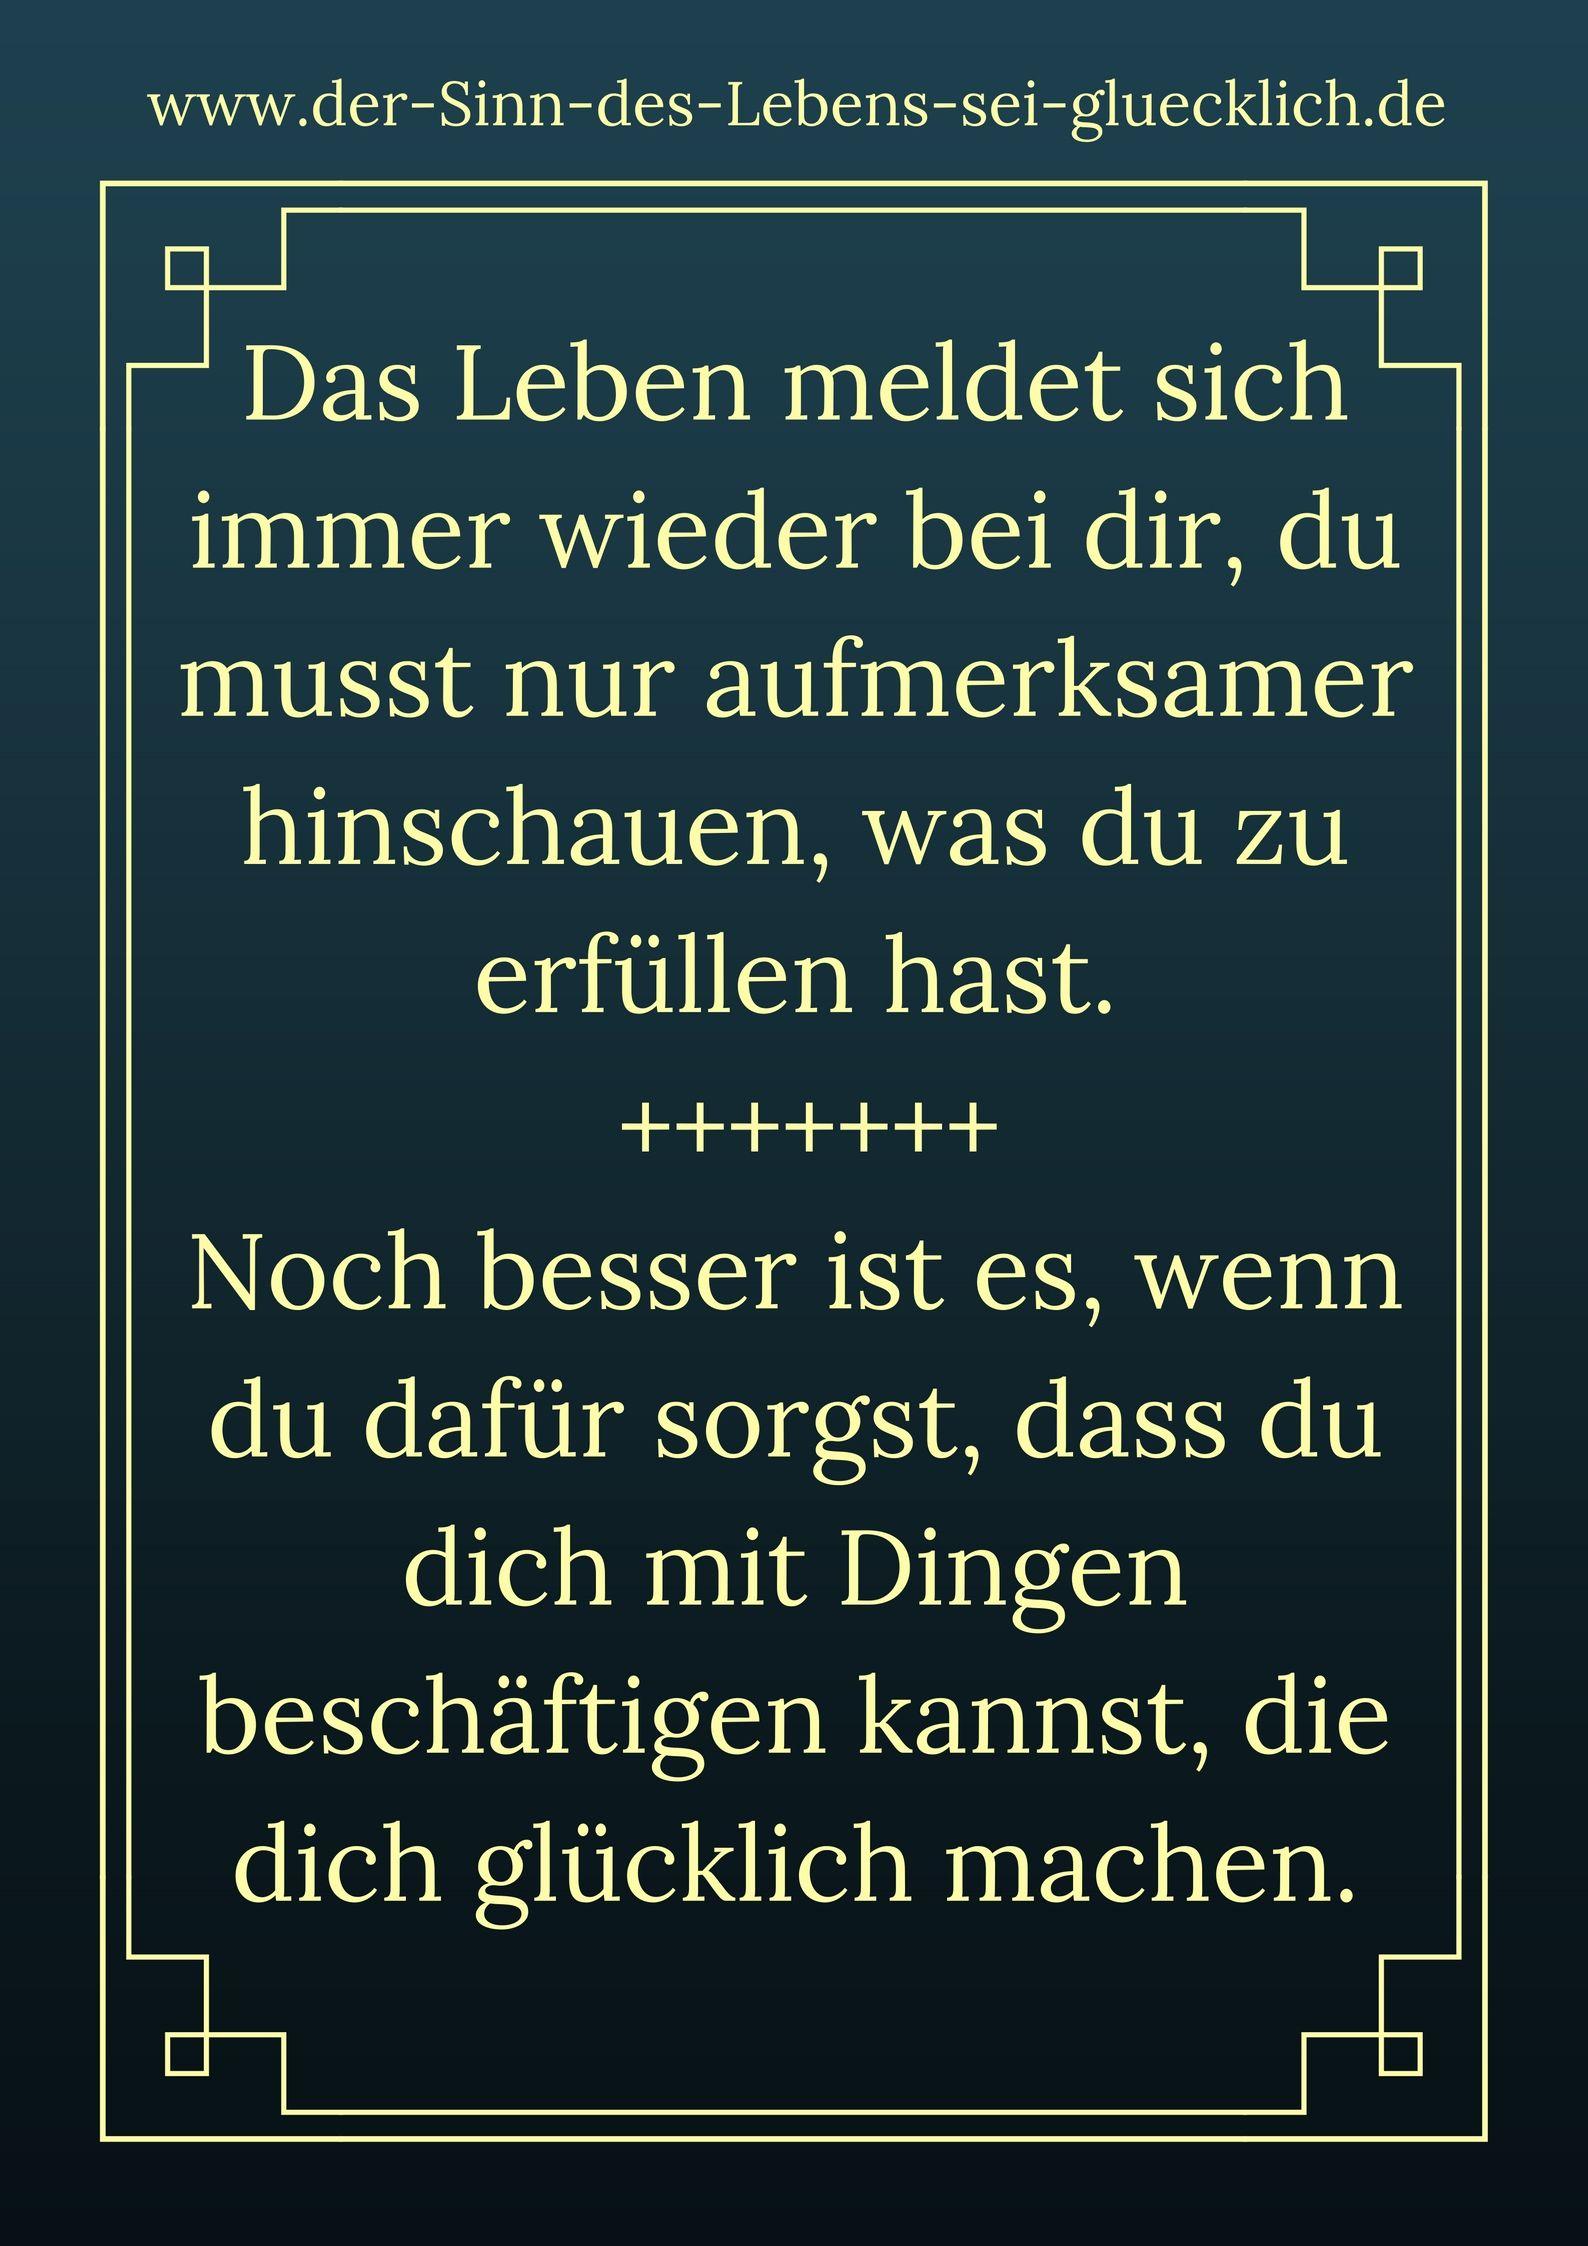 Sophisticated Schöne Sprüche Leben Collection Of Spr Che Und Zitate Sch Ne Spr